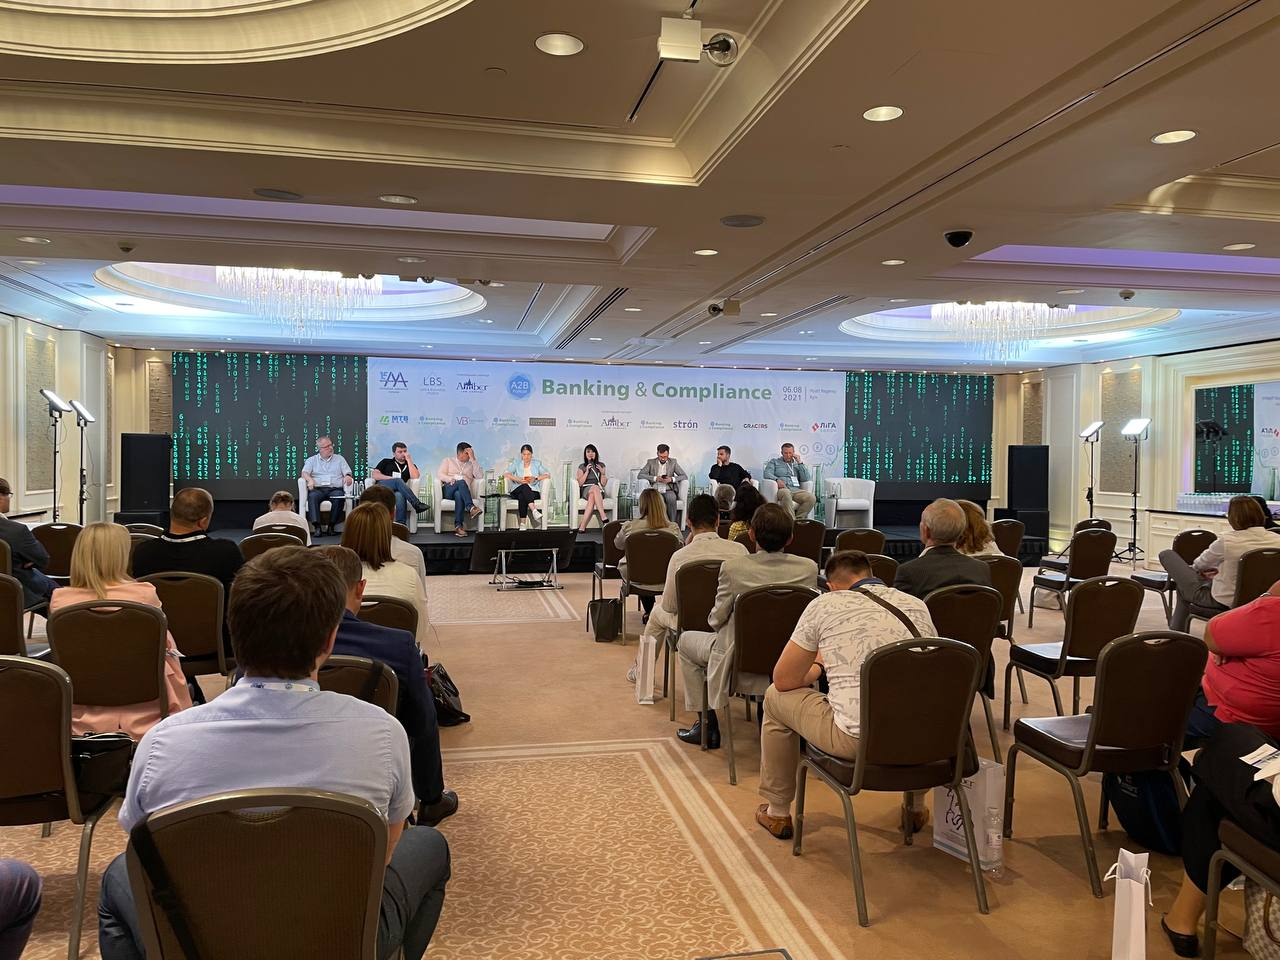 МТБ БАНК прийняв участь в Banking&Compliance 2021 A2B Forum в статусі еспонента форуму. - фото 2 - mtb.ua